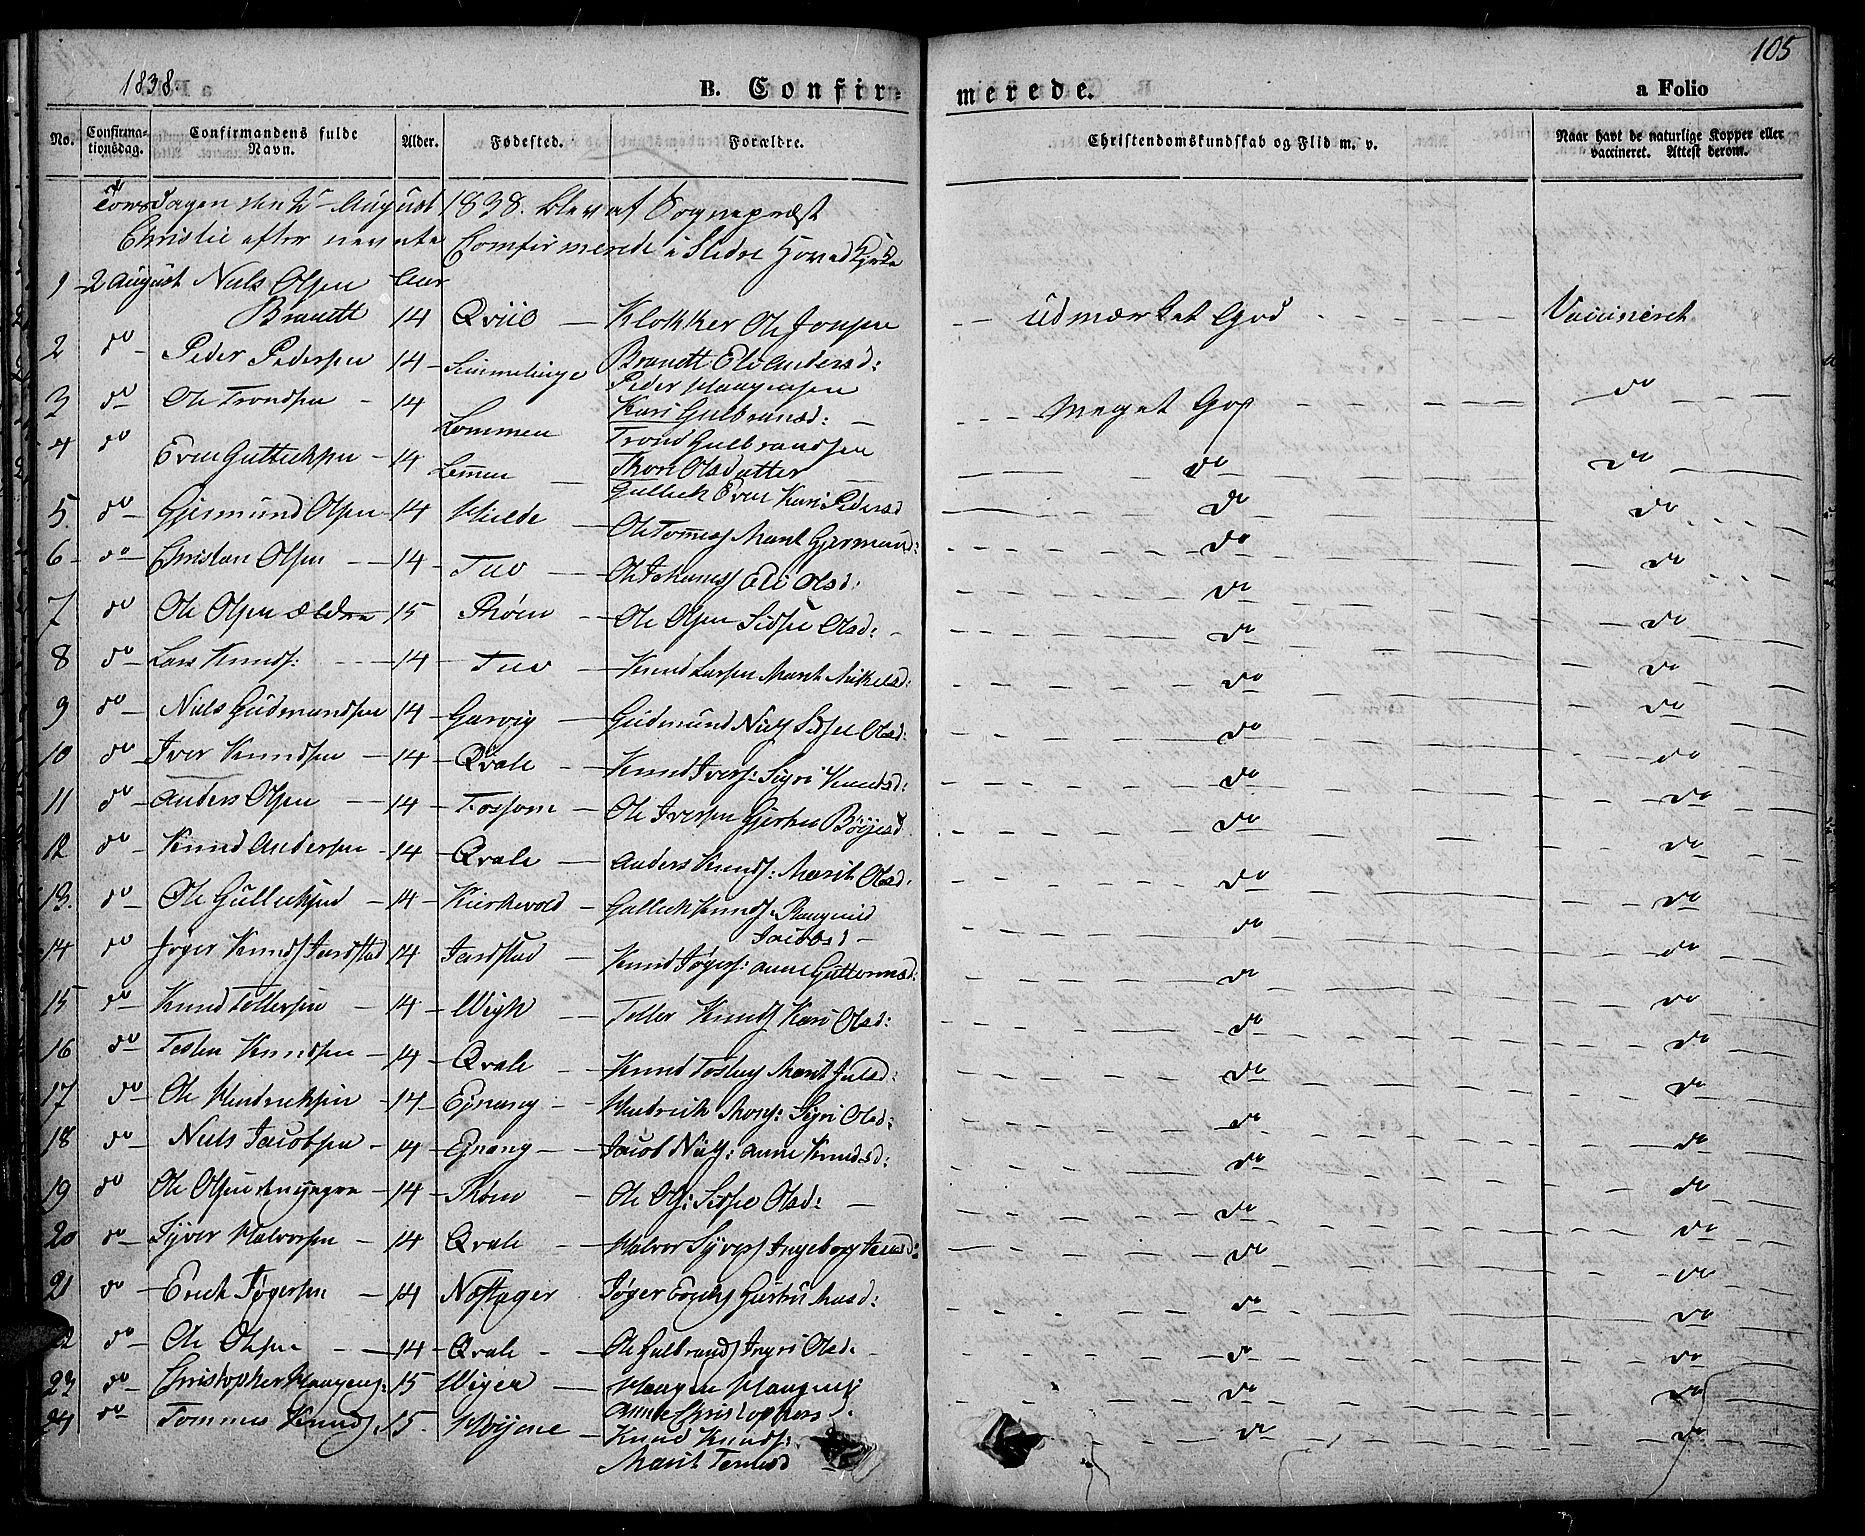 SAH, Slidre prestekontor, Ministerialbok nr. 3, 1831-1843, s. 105